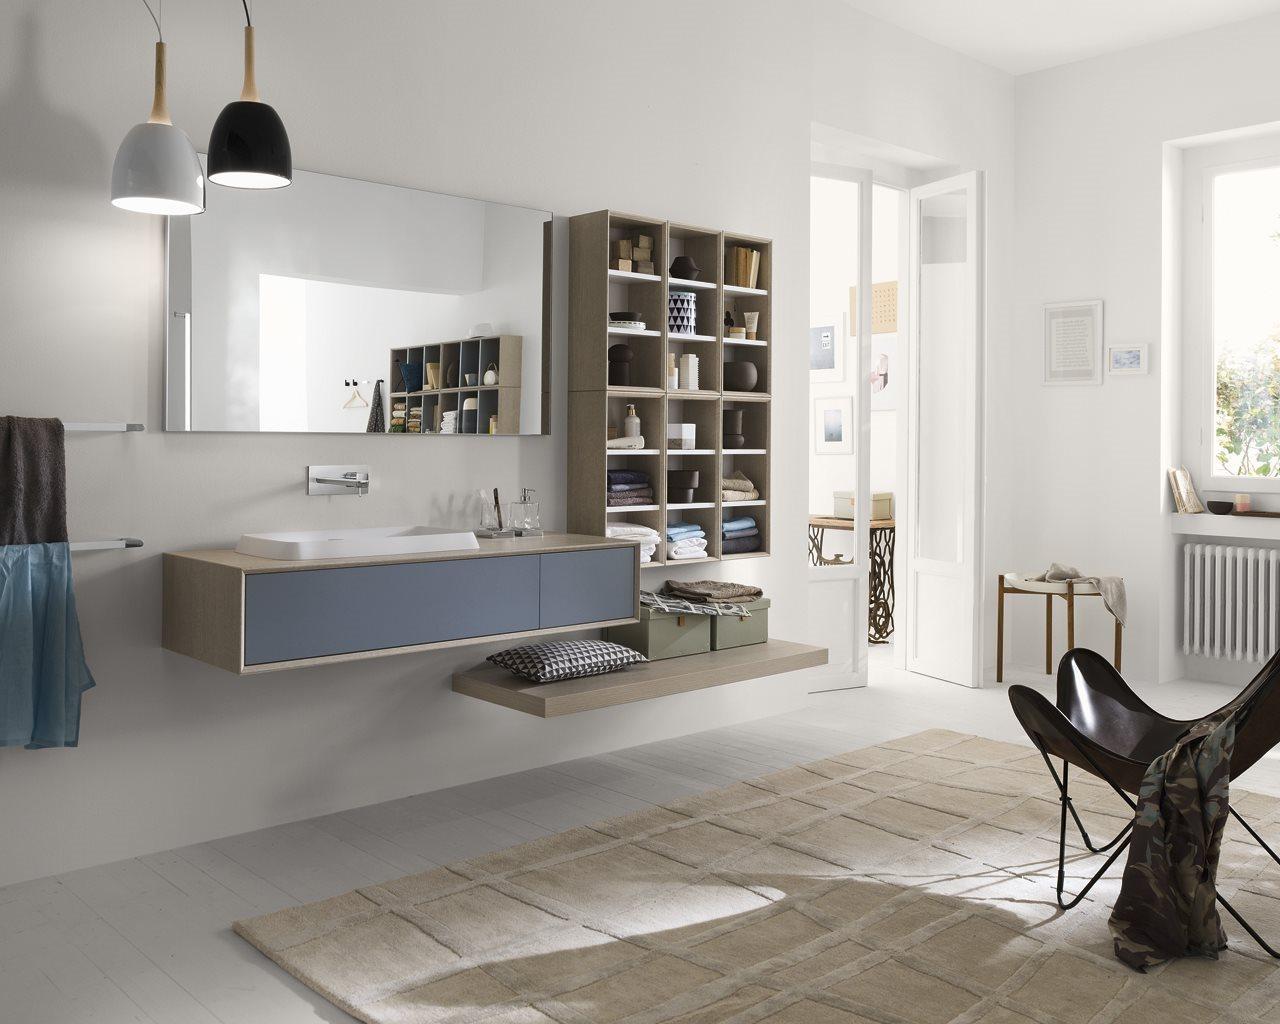 Bagni moderni mobili bagno accessori bagno lissone - Bagno arredo moderno ...